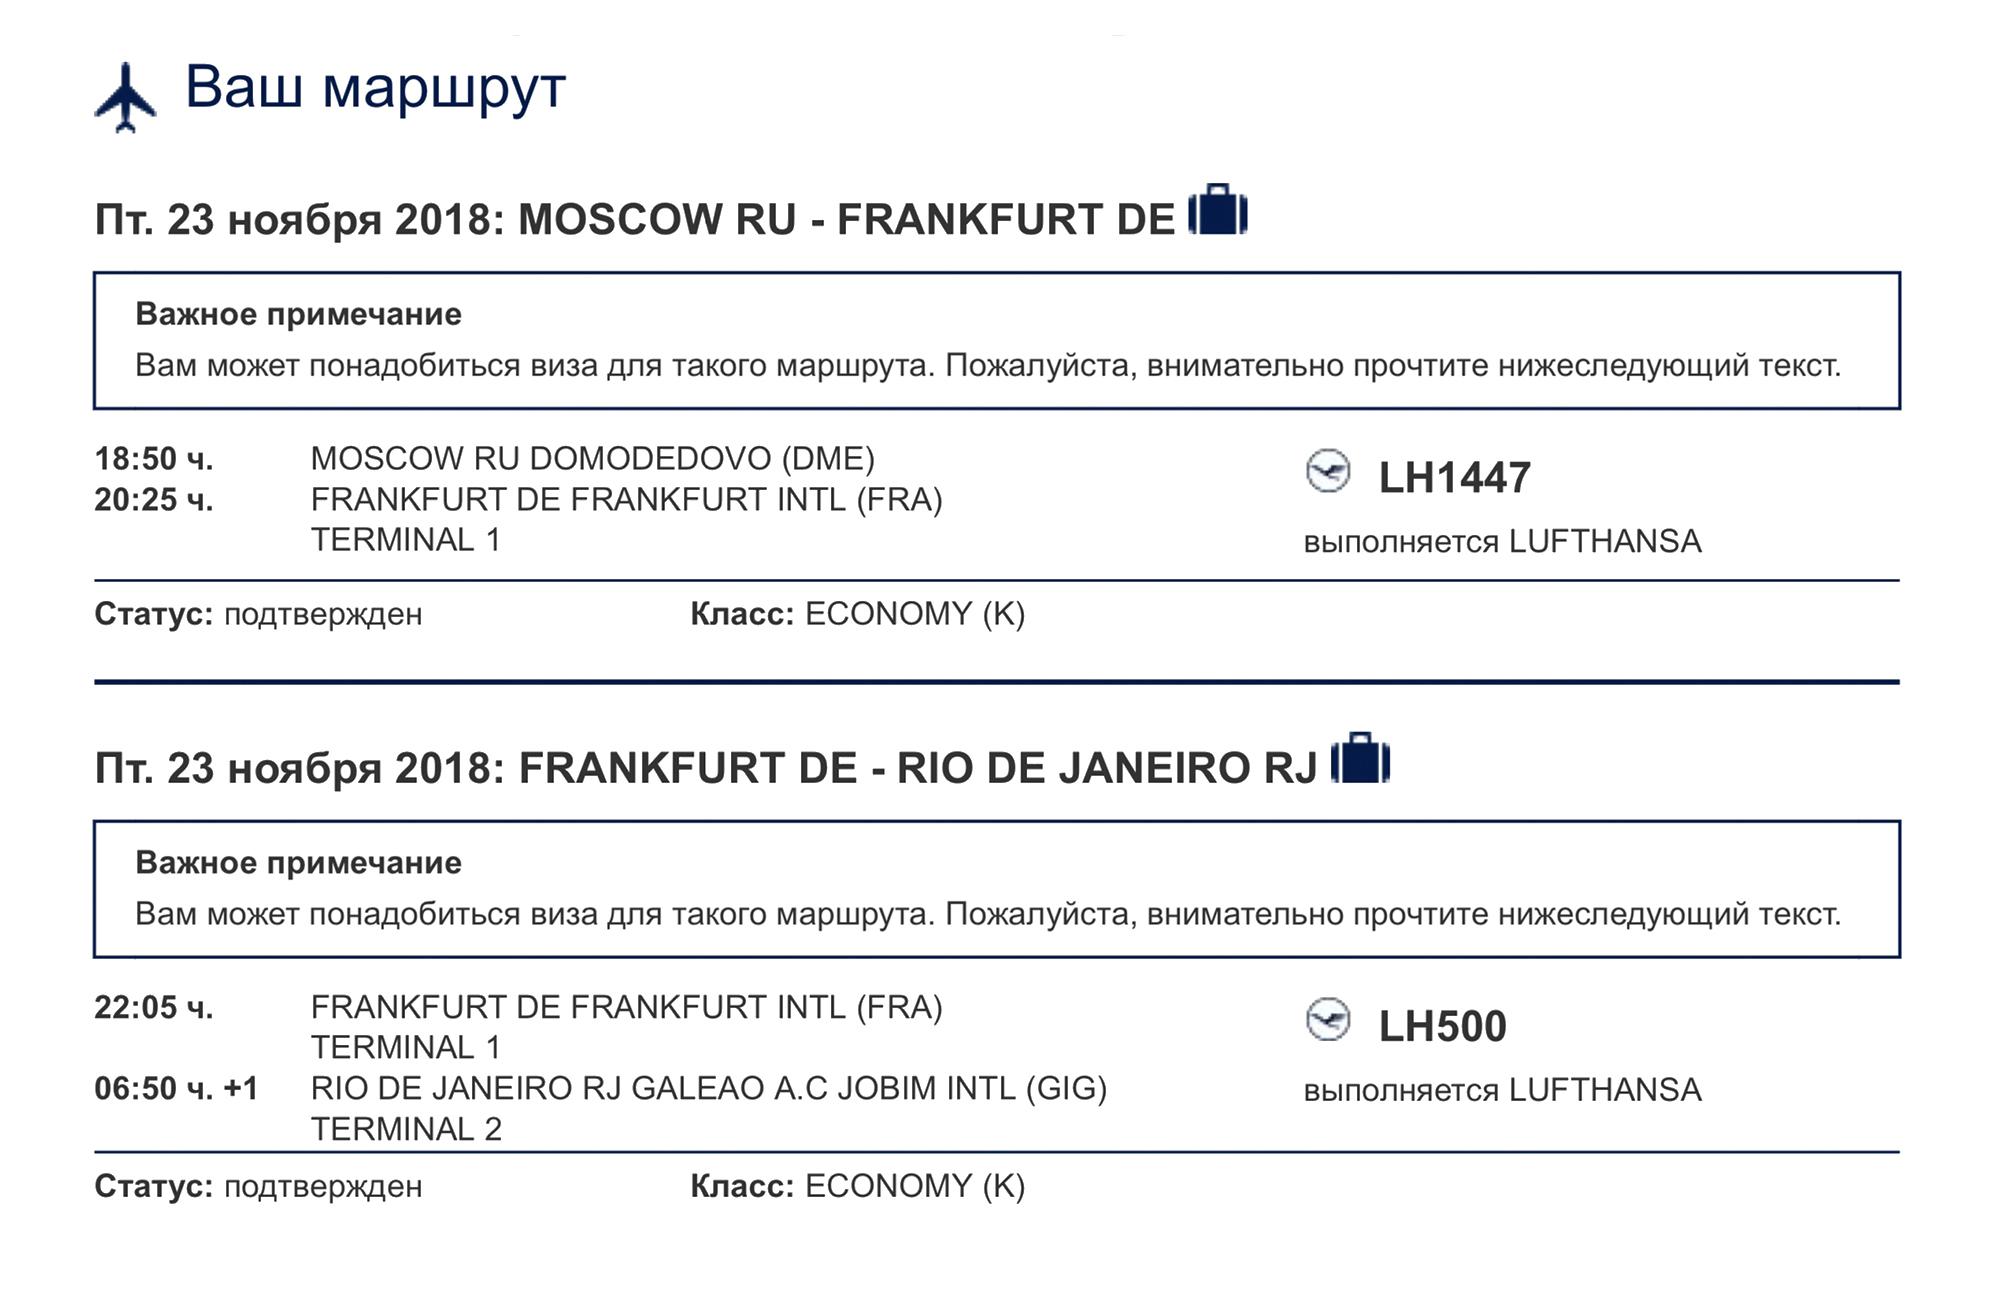 Наши авиабилеты Москва — Рио и обратно